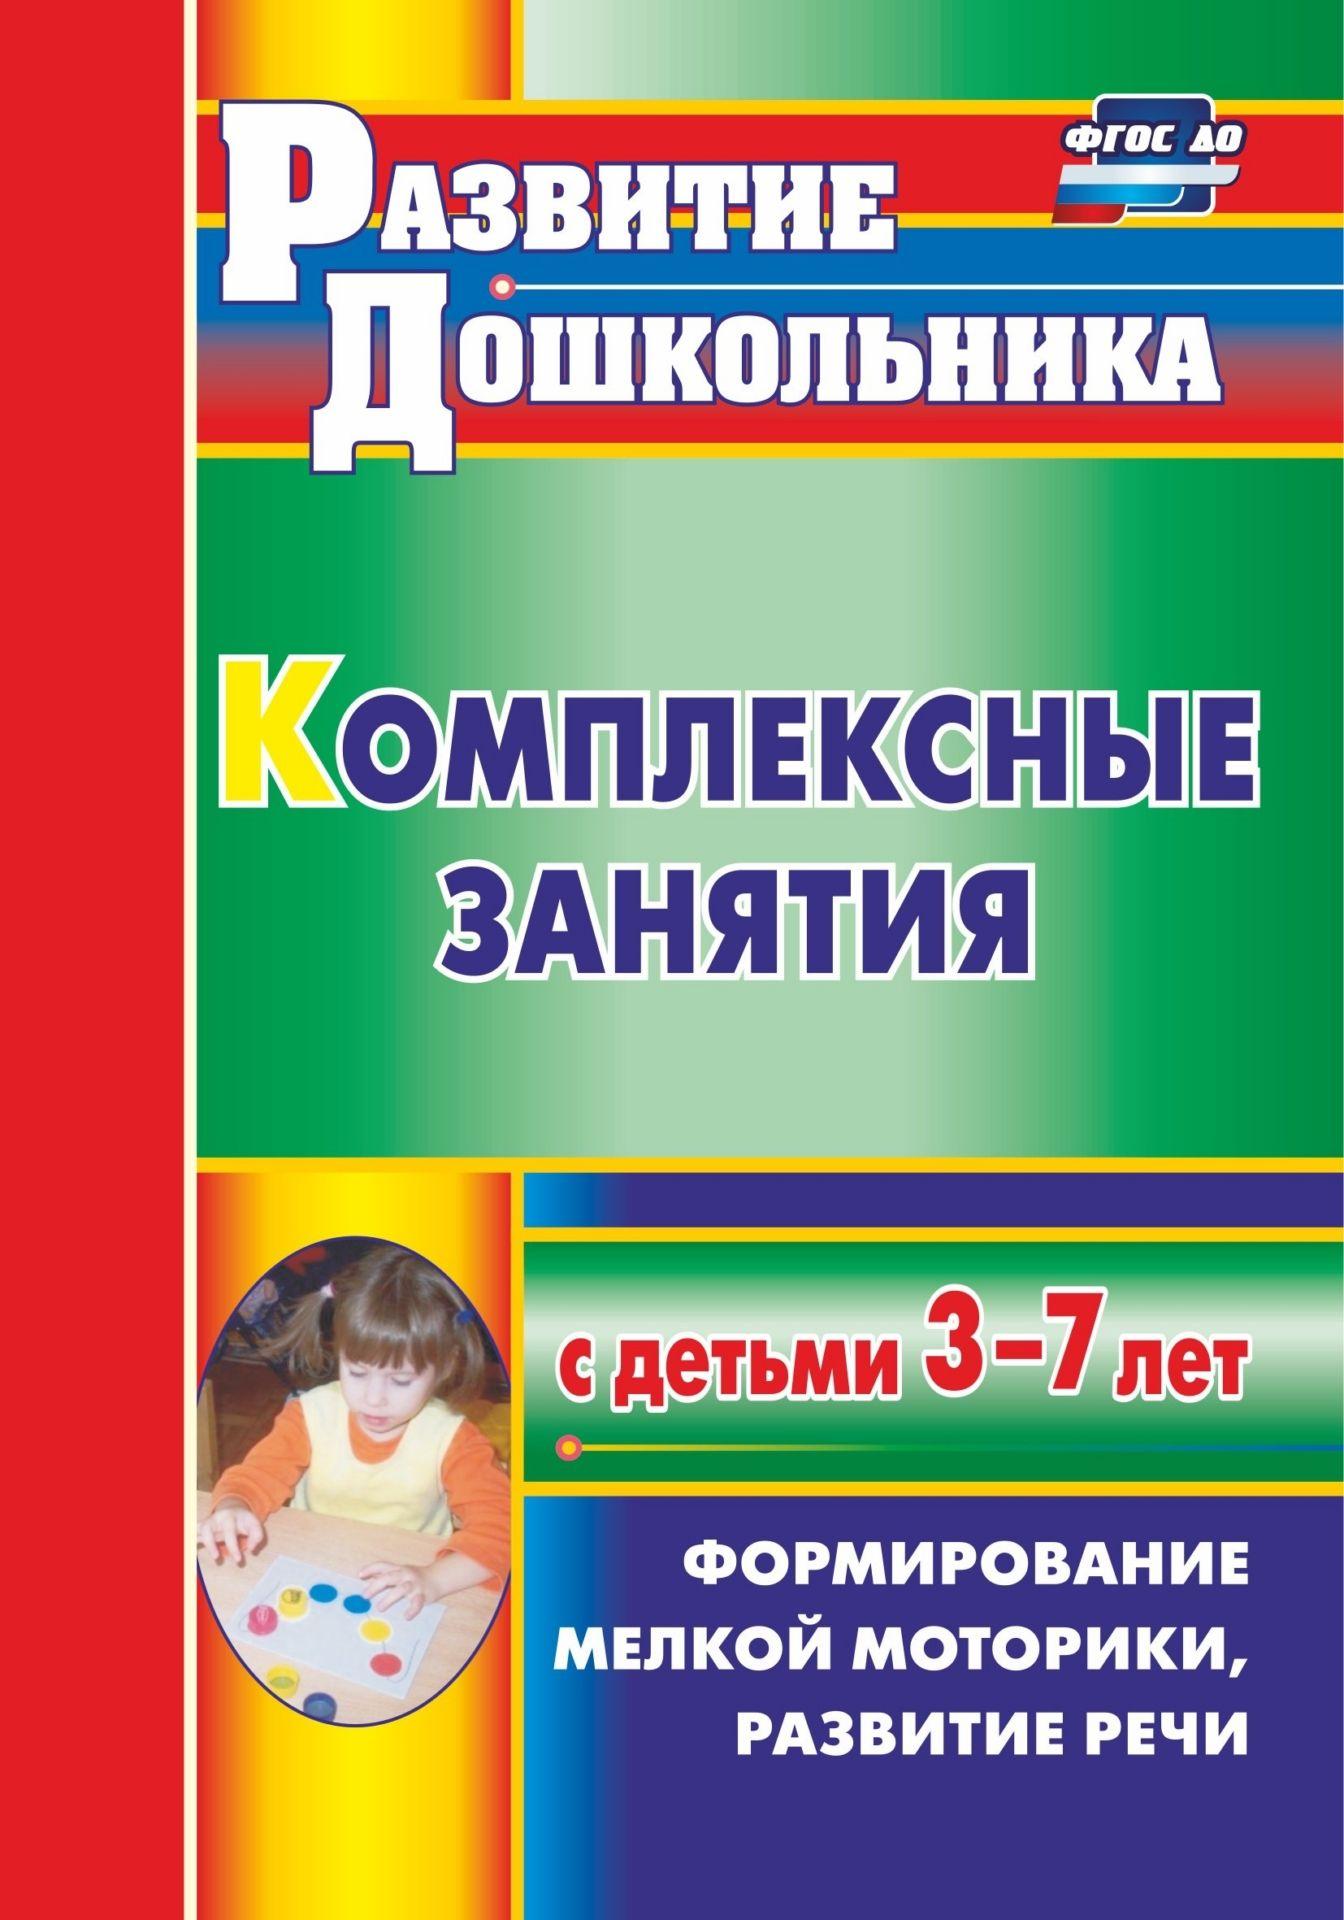 Комплексные занятия с детьми 3-7 лет: формирование мелкой моторики, развитие речи